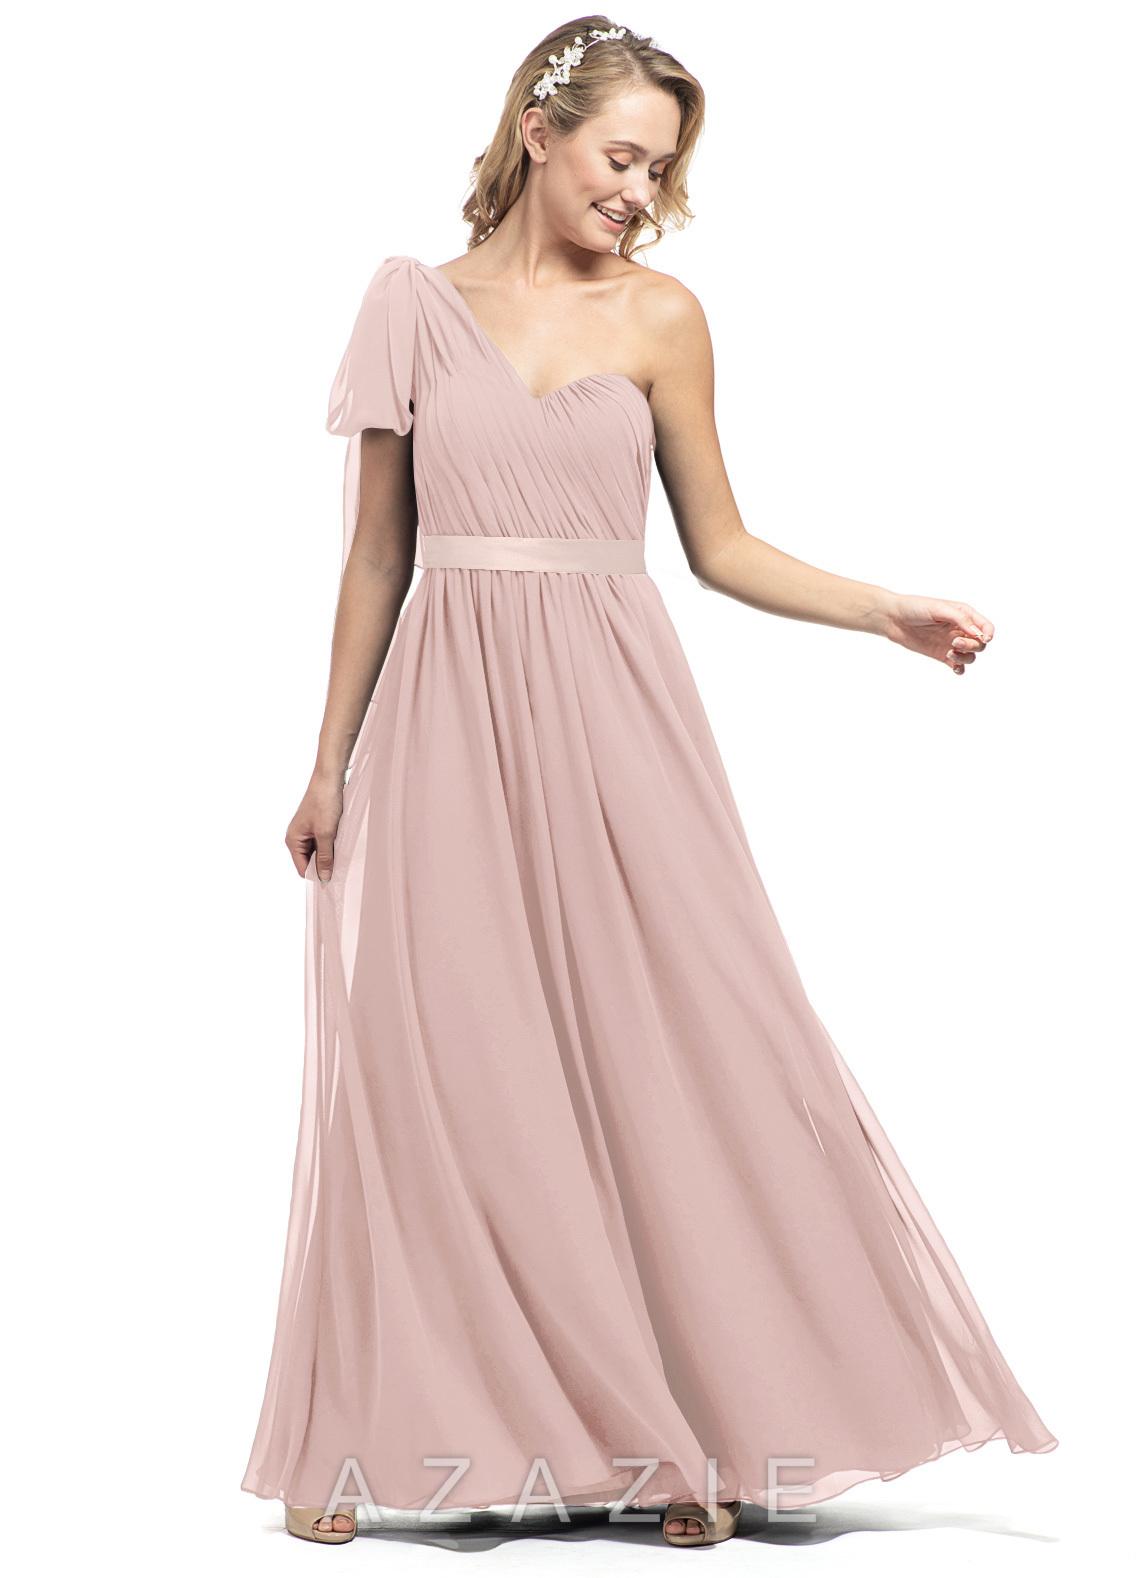 52c2dffe24c Azazie Peri Bridesmaid Dress